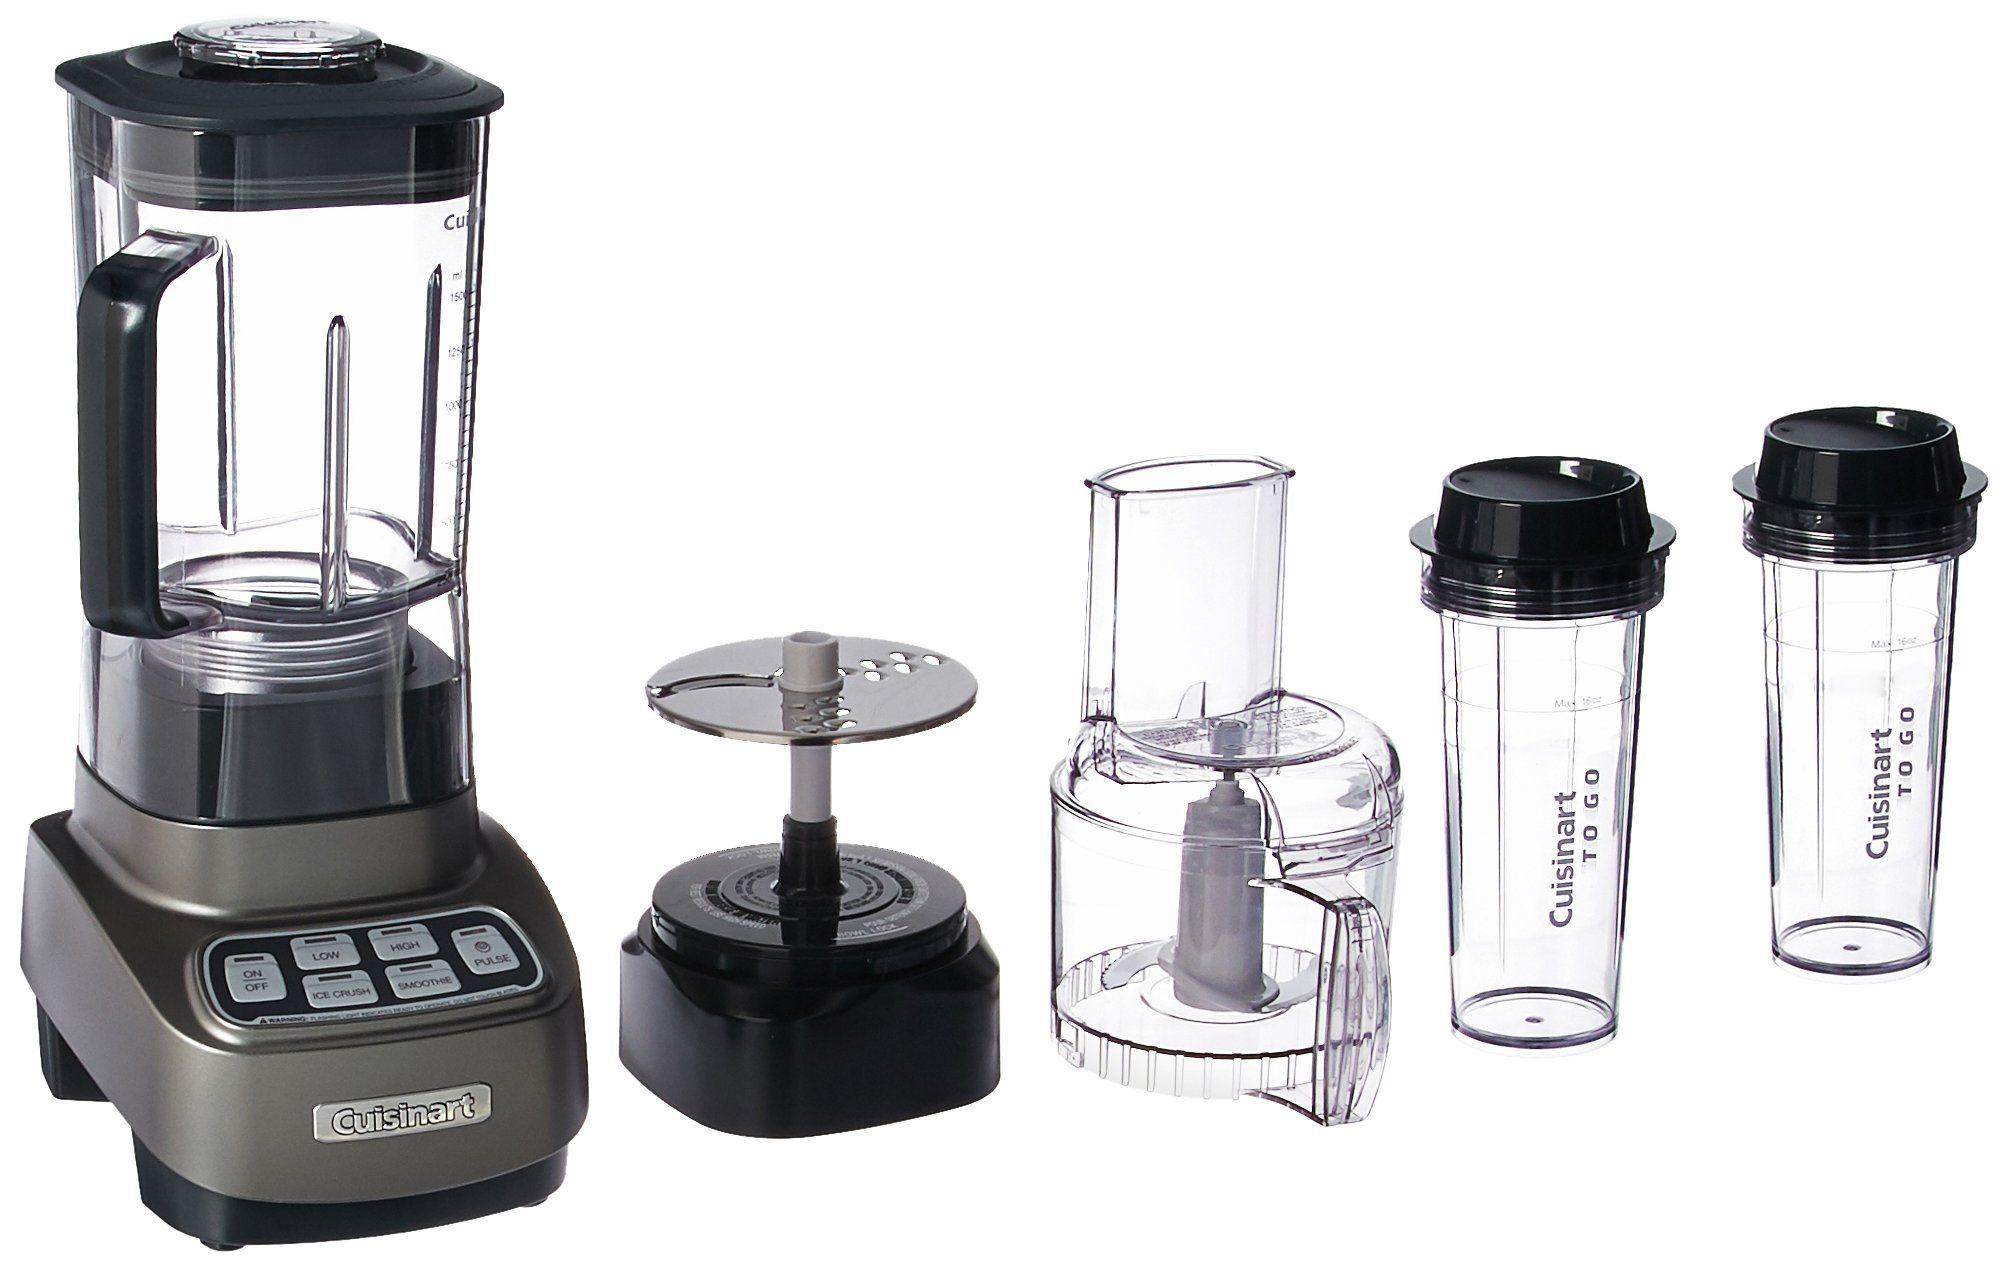 Cuisinart Bfp 650gm Velocity Ult Blender Food Processor Food Processor Recipes Blender